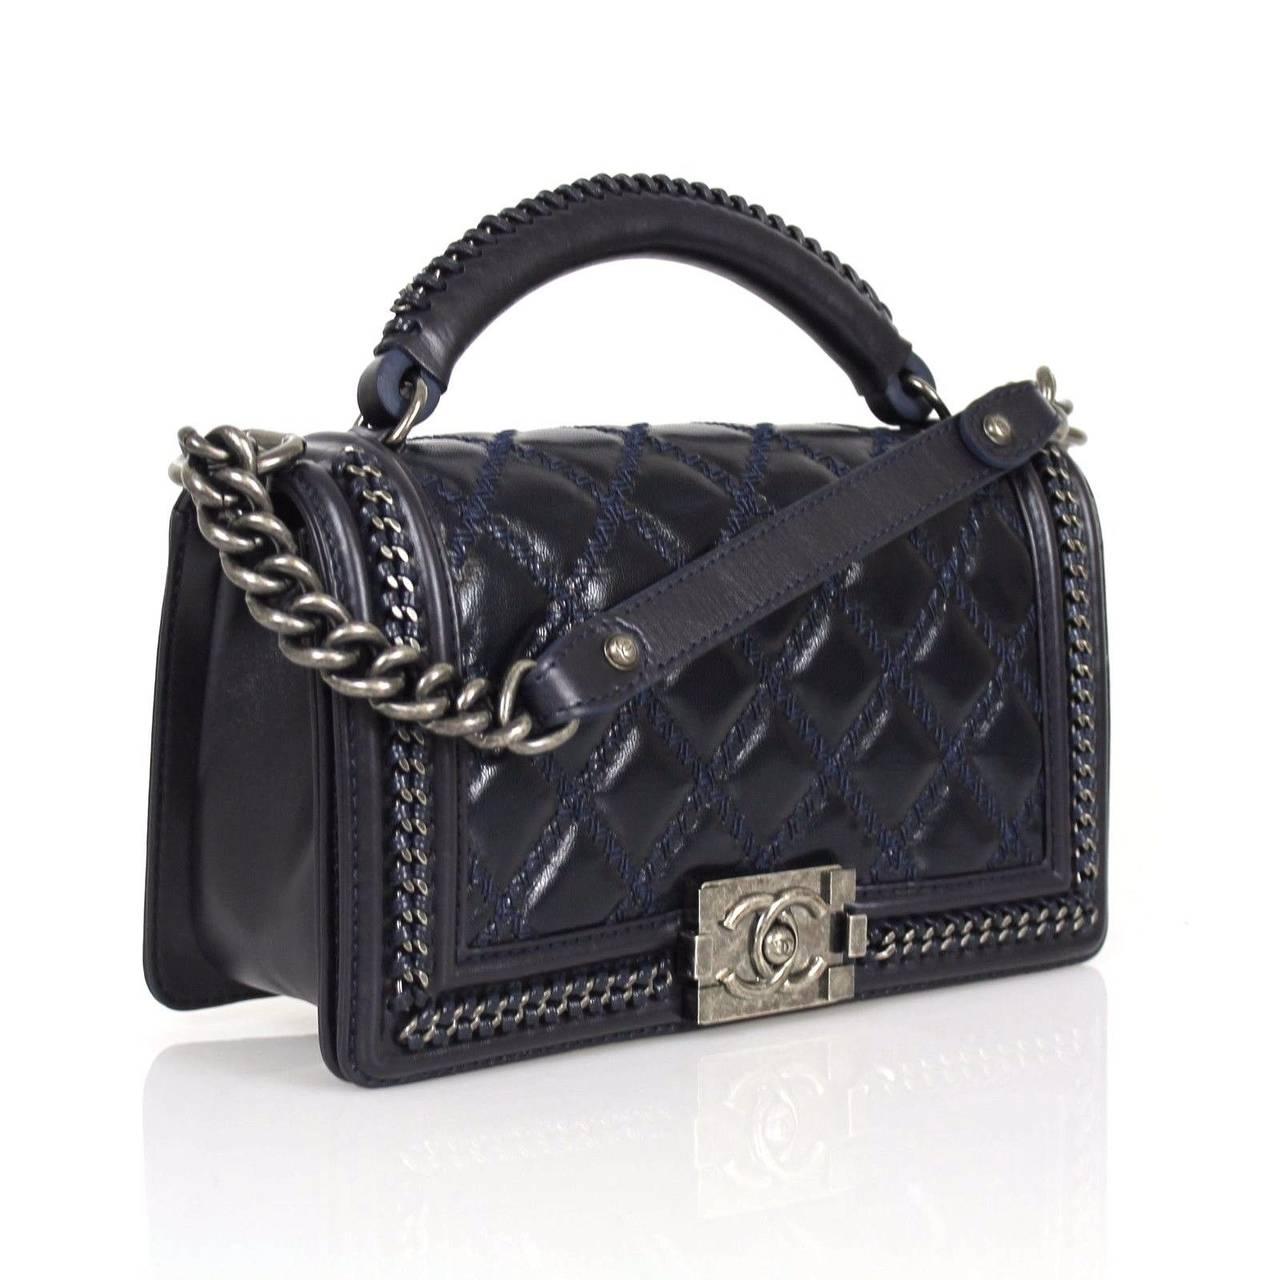 Chanel Boy Flap Shoulder Bag Price 121